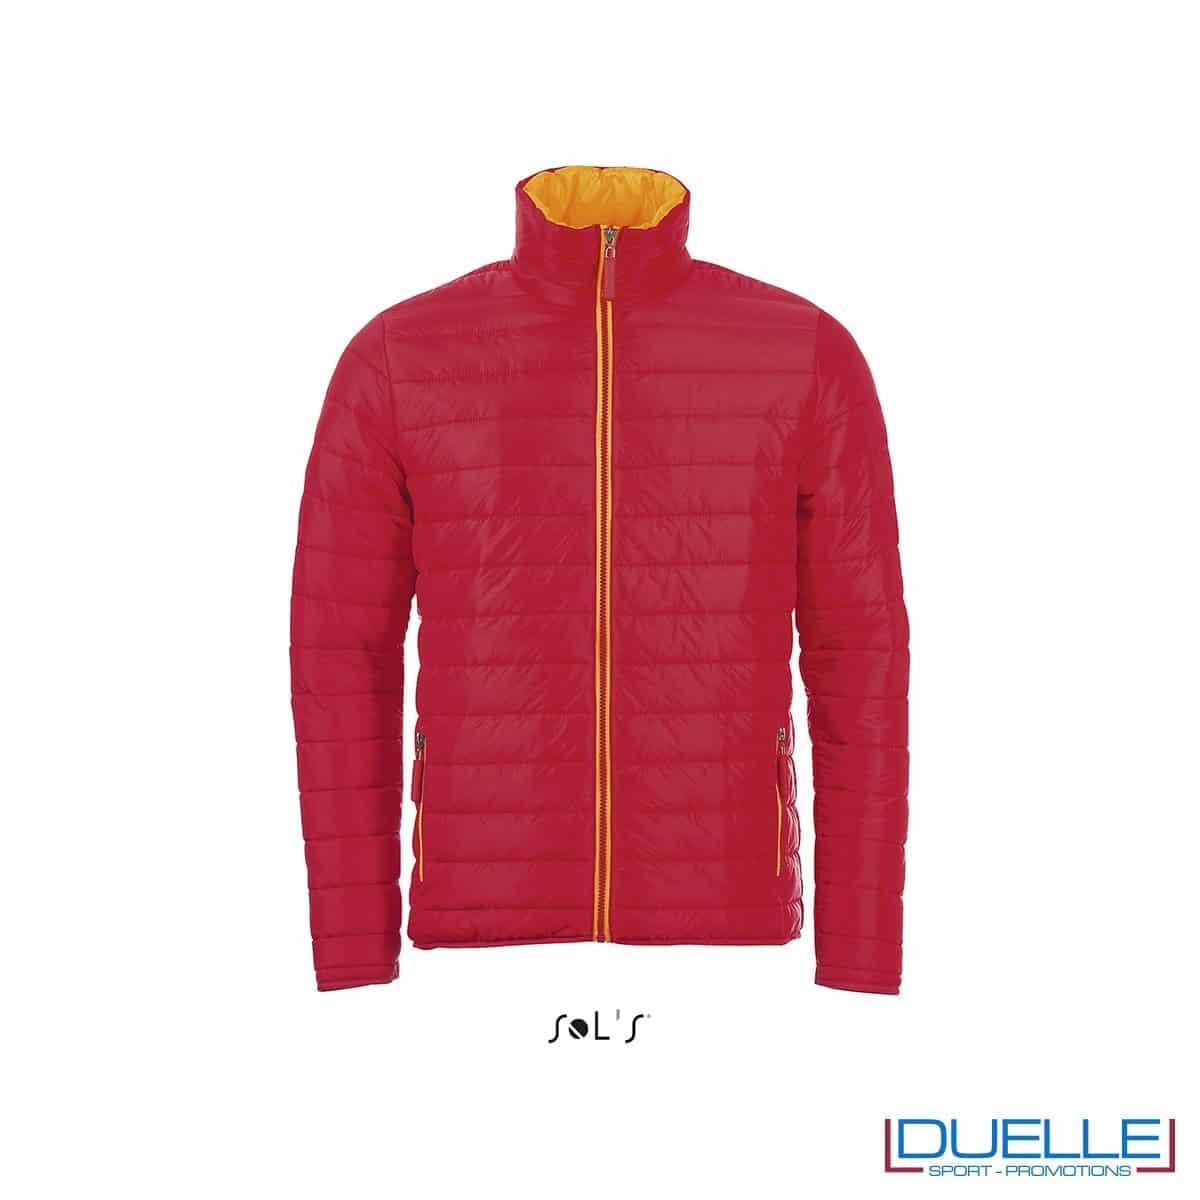 piumino personalizzato in colore rosso, abbigliamento promozionale personalizzato